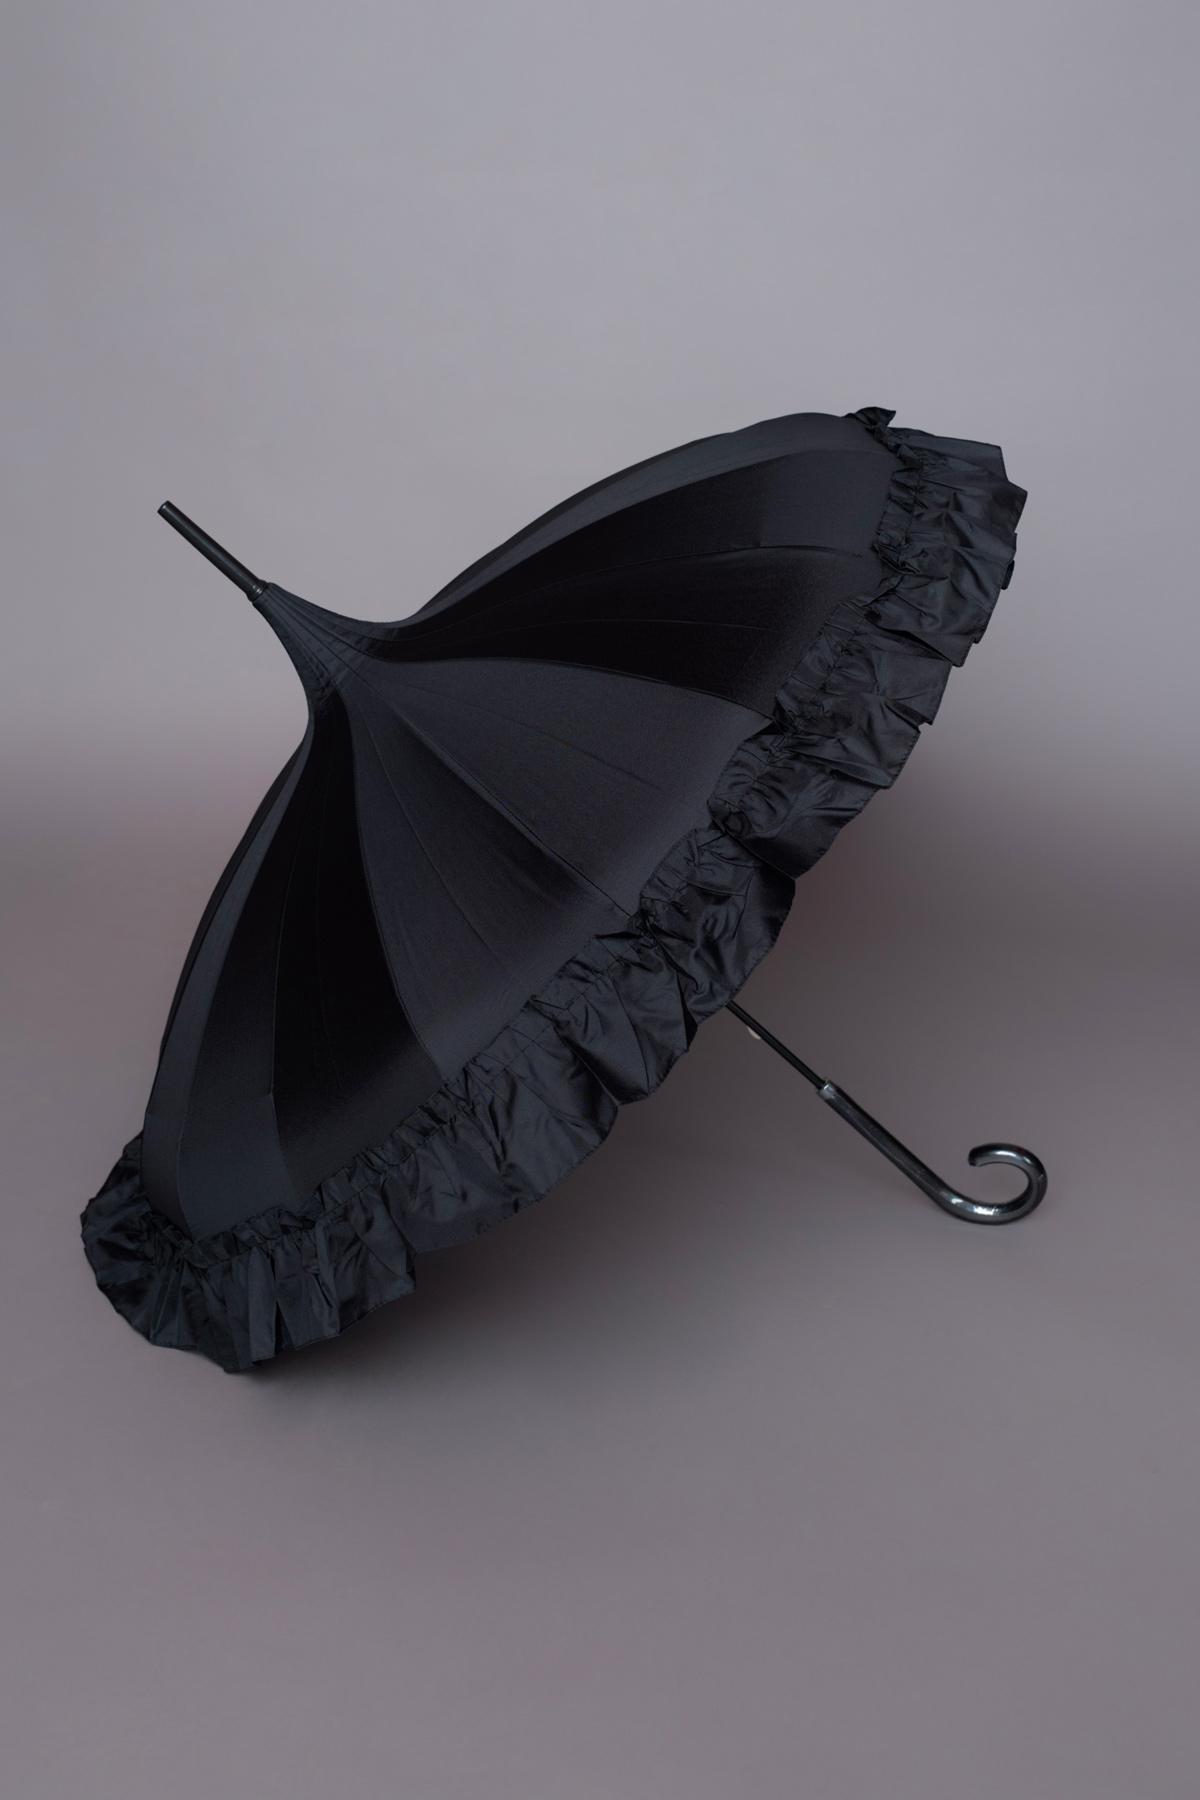 Αδιάβροχη ρομαντική μαύρη ομπρέλα σε σχήμα παγόδας, με βολάν στο τελείωμα, ιδανική για να ολοκληρώσετε ένα ξεχωριστό look!